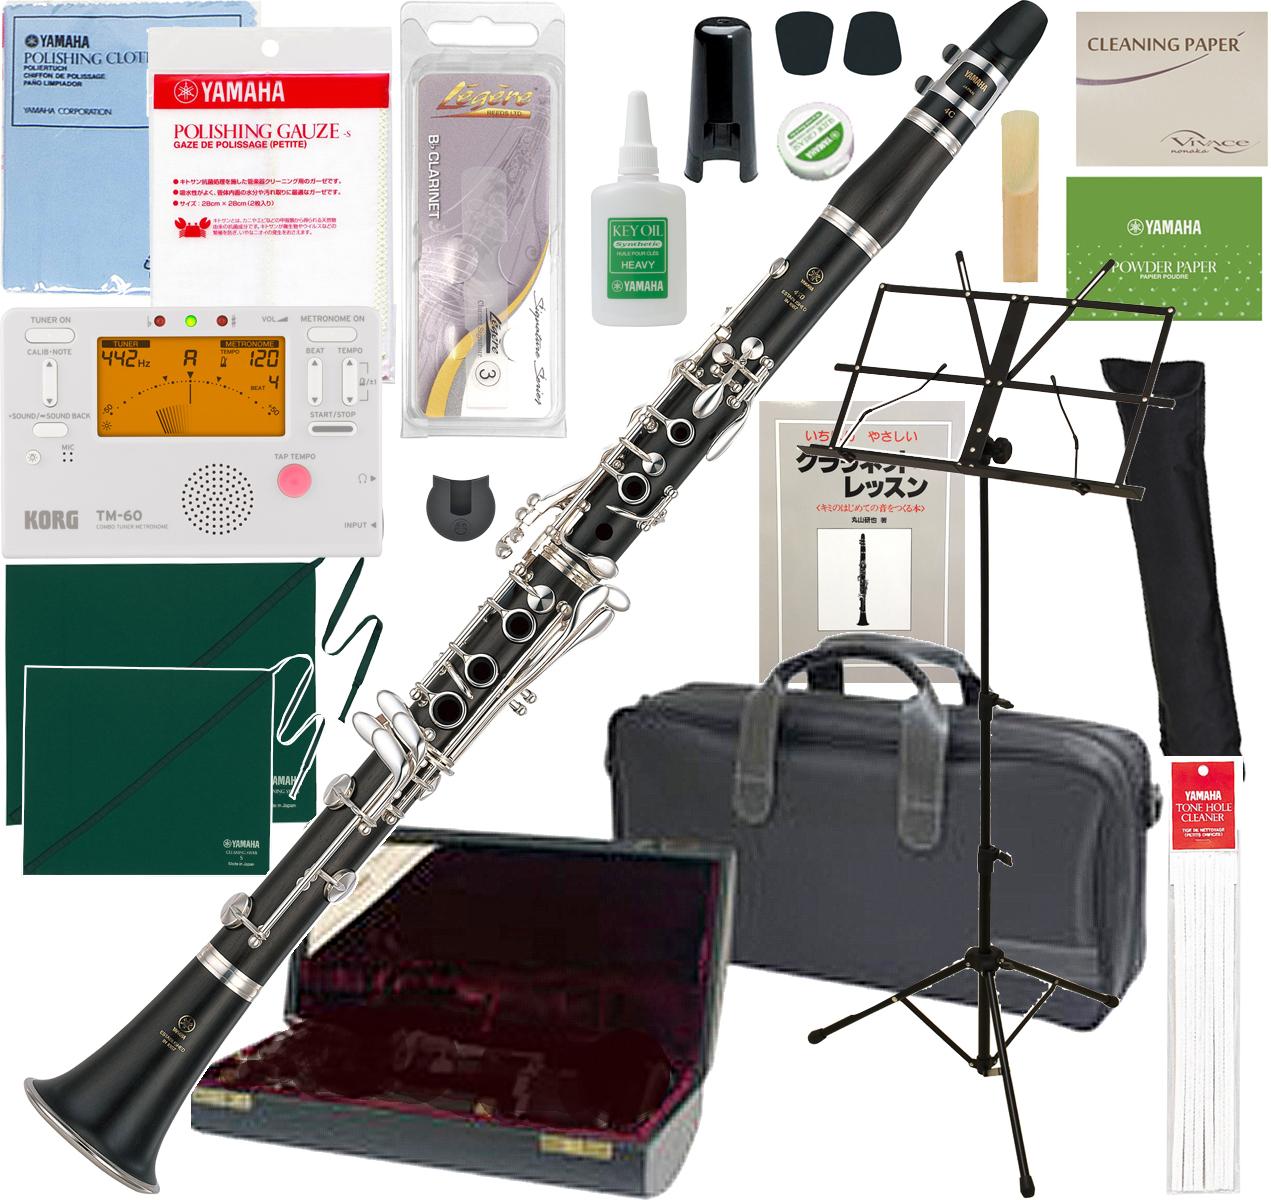 楽器 made in JAPAN 4C マウスピース 初心者 練習用 Bフラット  YAMAHA ( ヤマハ ) YCL-450 クラリネット 木製 新品 日本製 管体 グラナディラ B♭管 管楽器 本体 スタンダード clarinet YCL450 セット A